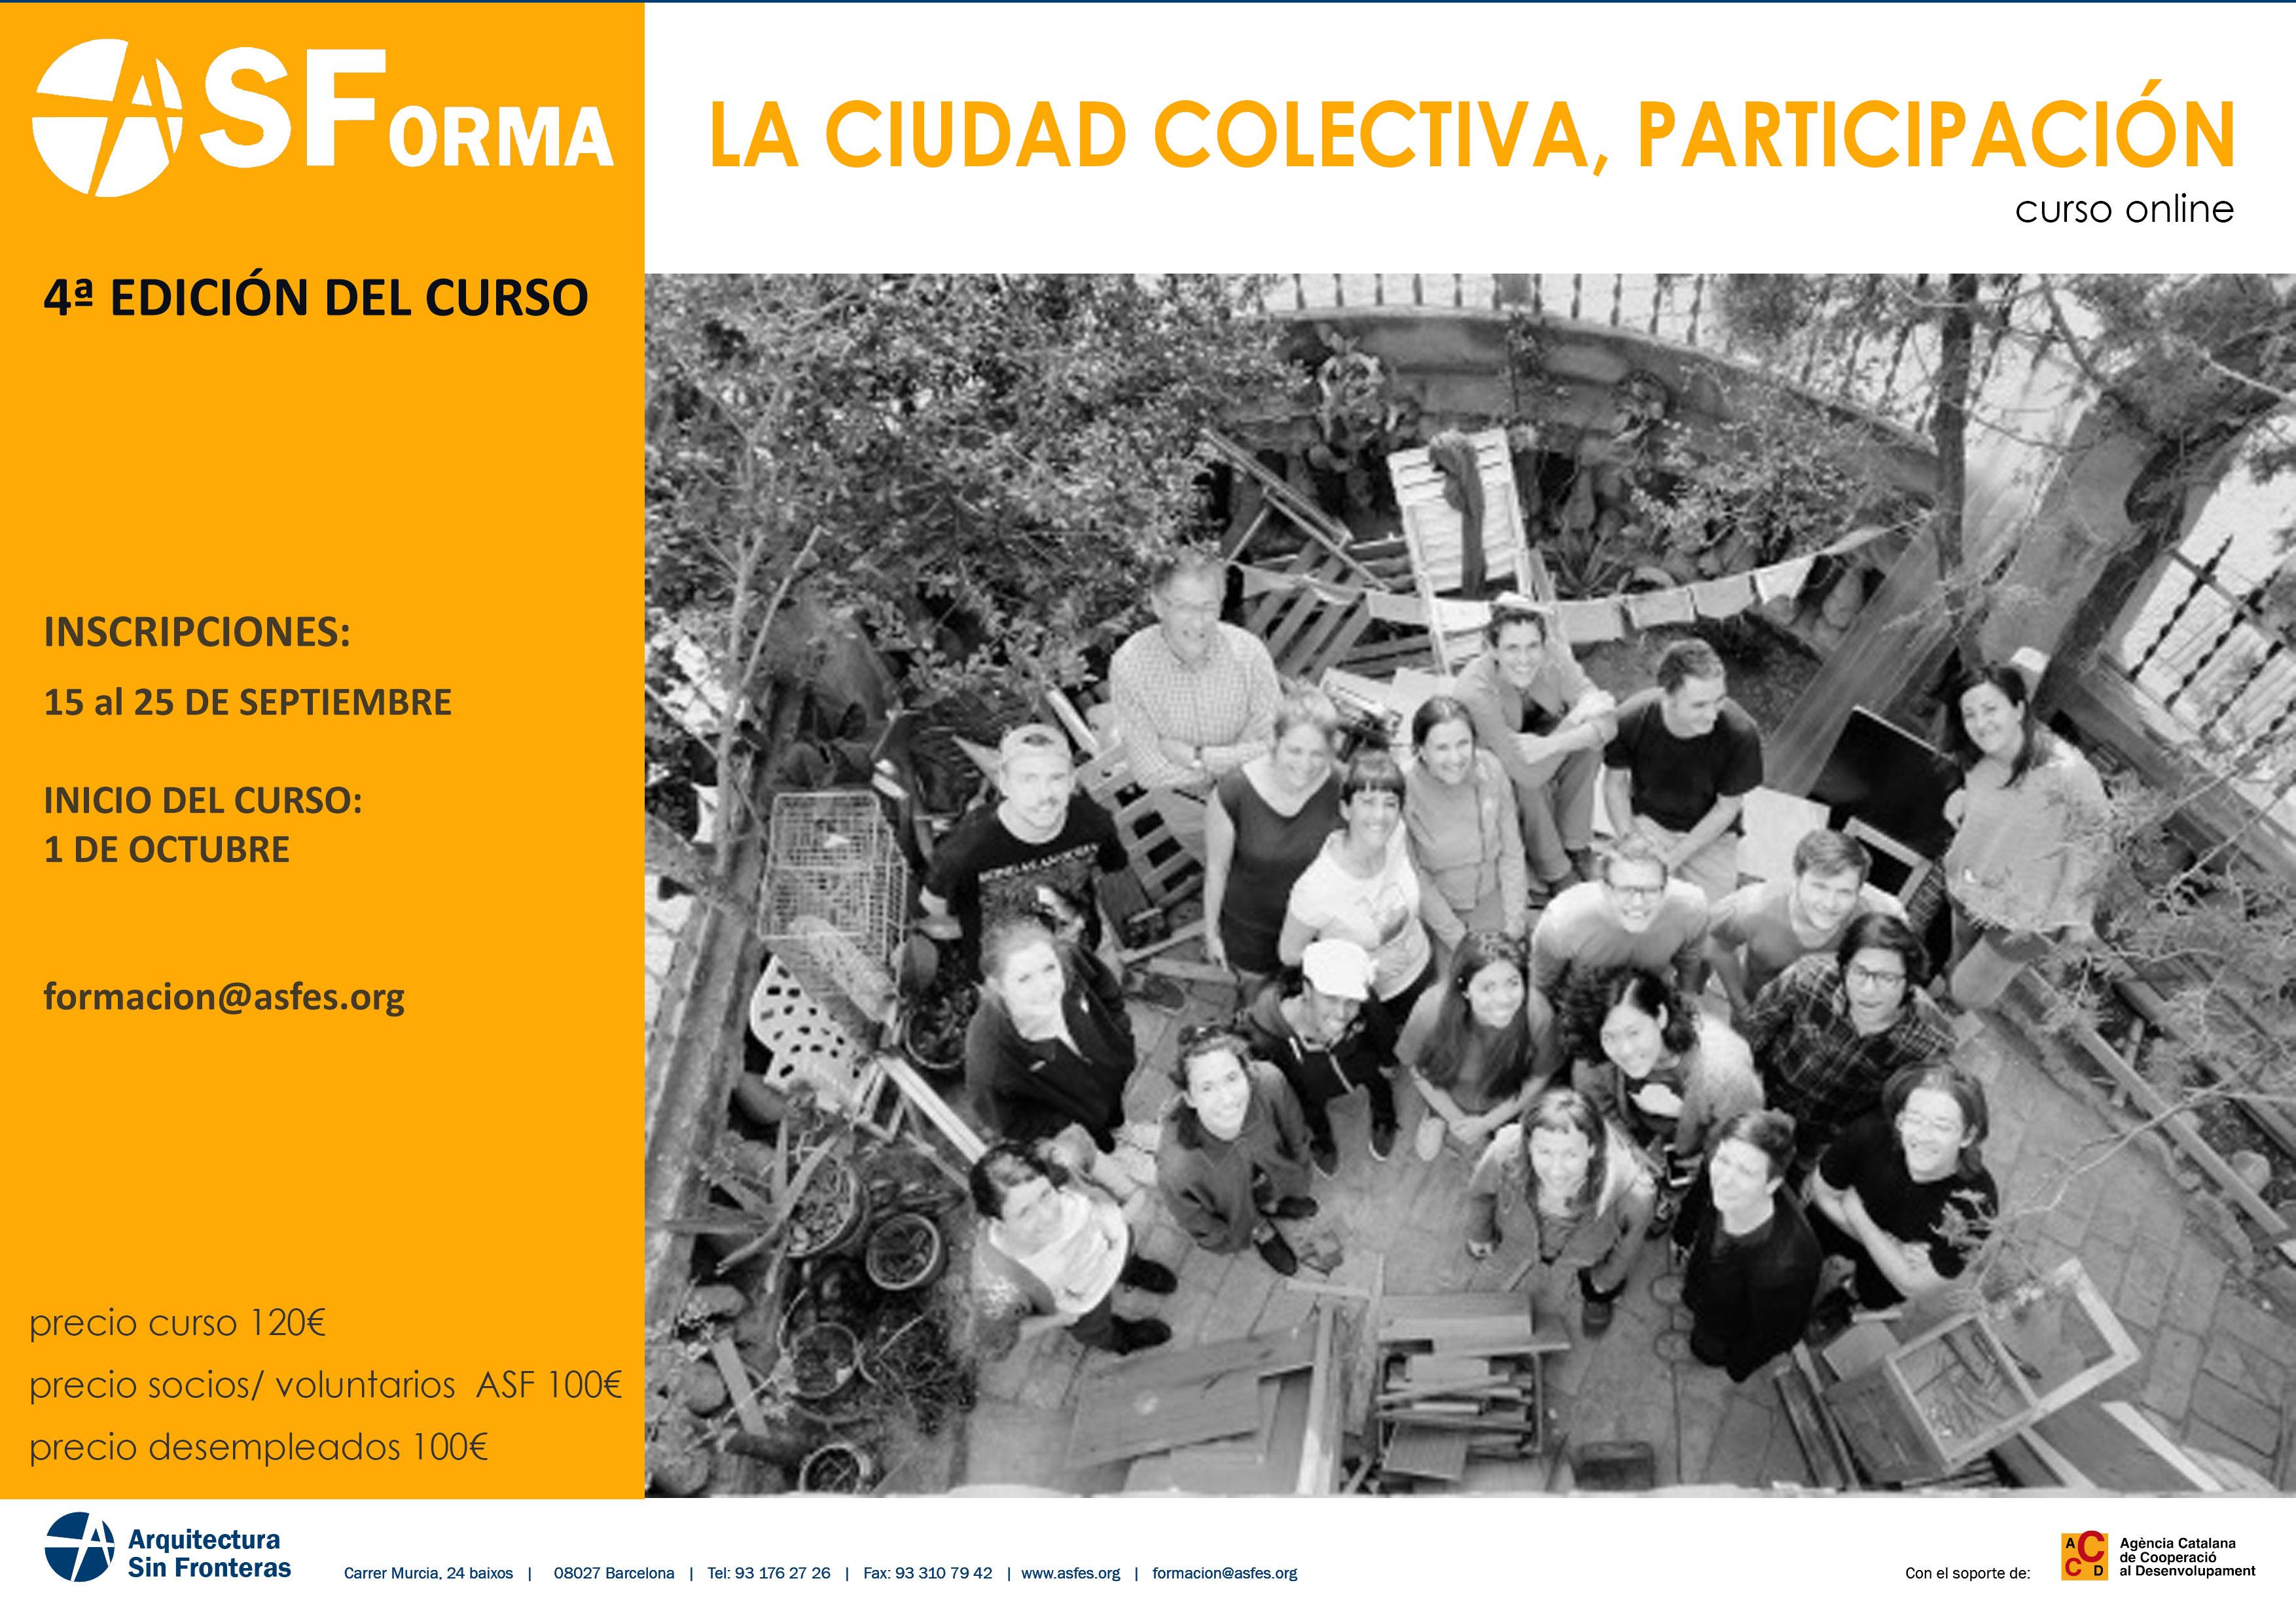 CURS ONLINE: CIUTAT COL·LECTIVA, PARTICIPACIÓ